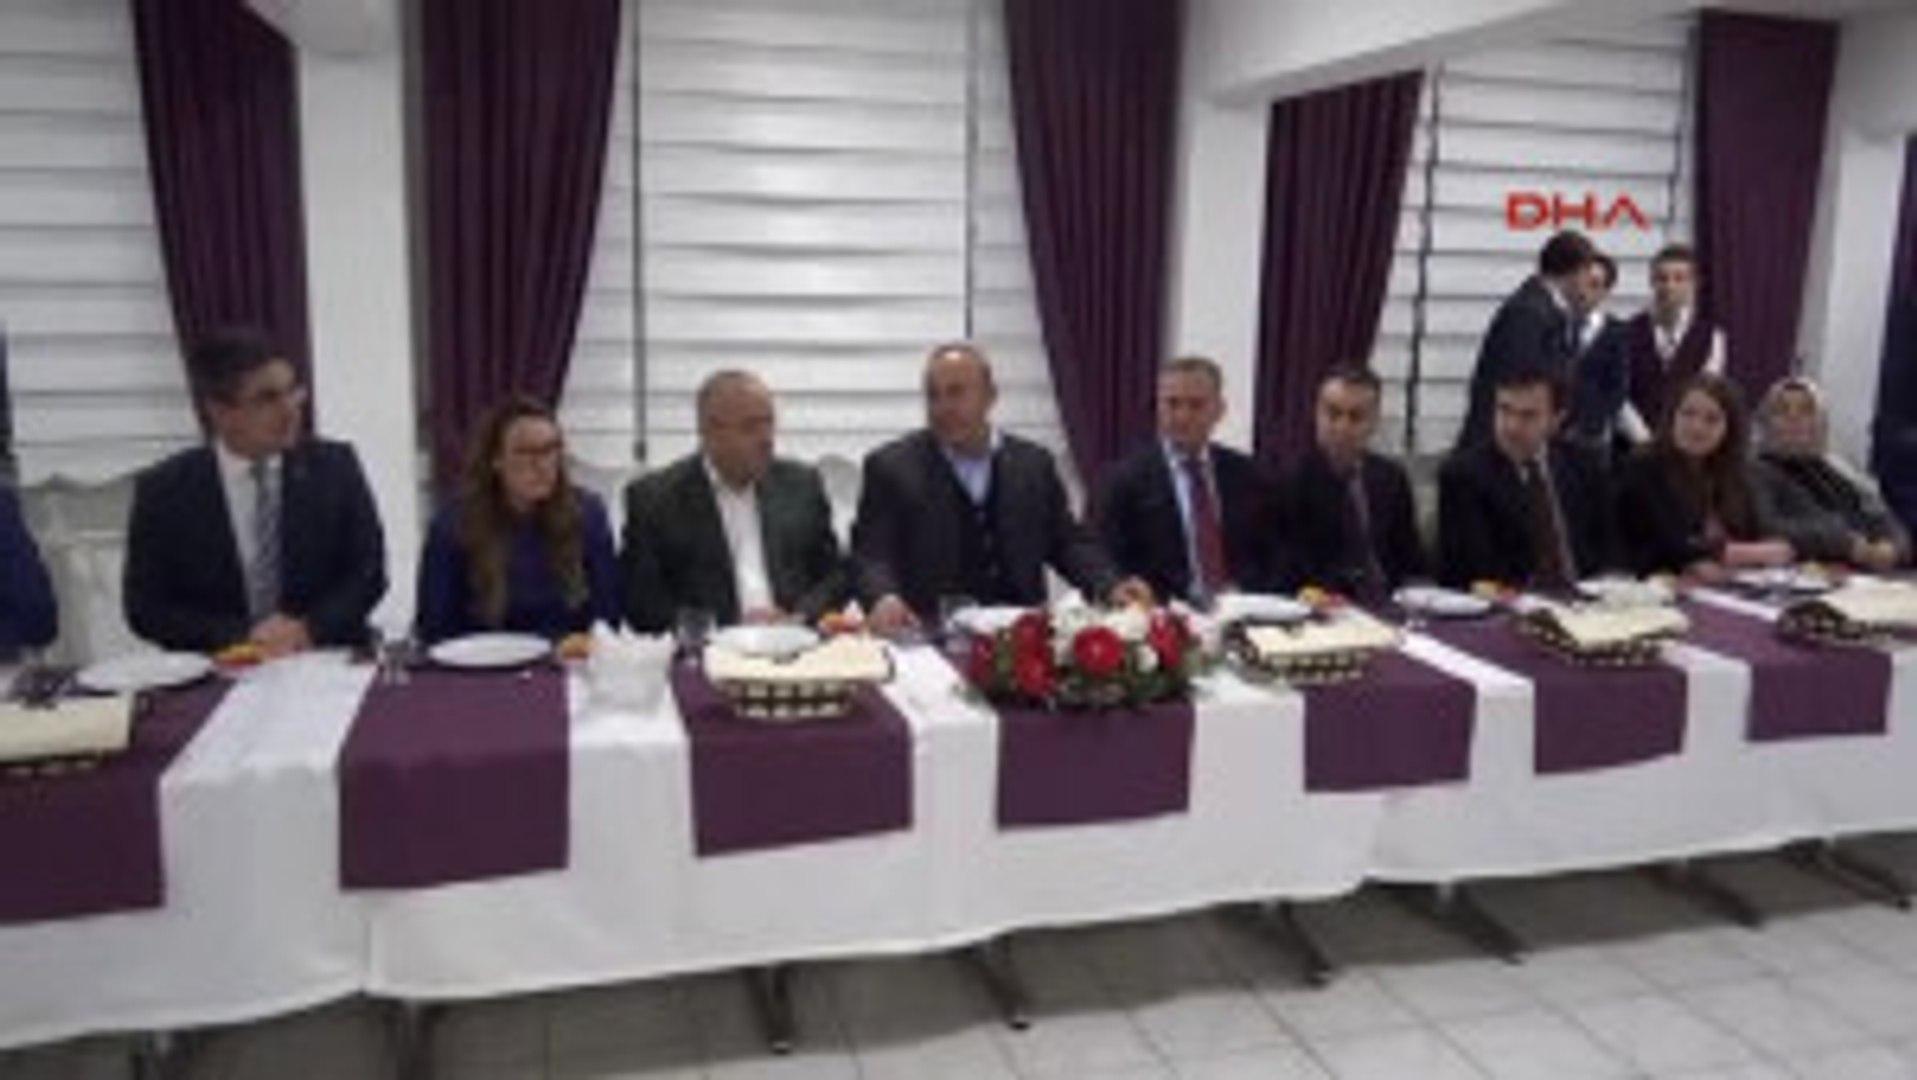 Çanakkale - Bakan Çavuşoğlu: Avrupa Birliği Dağılıyor, Korkunun Ecele Faydası Yok